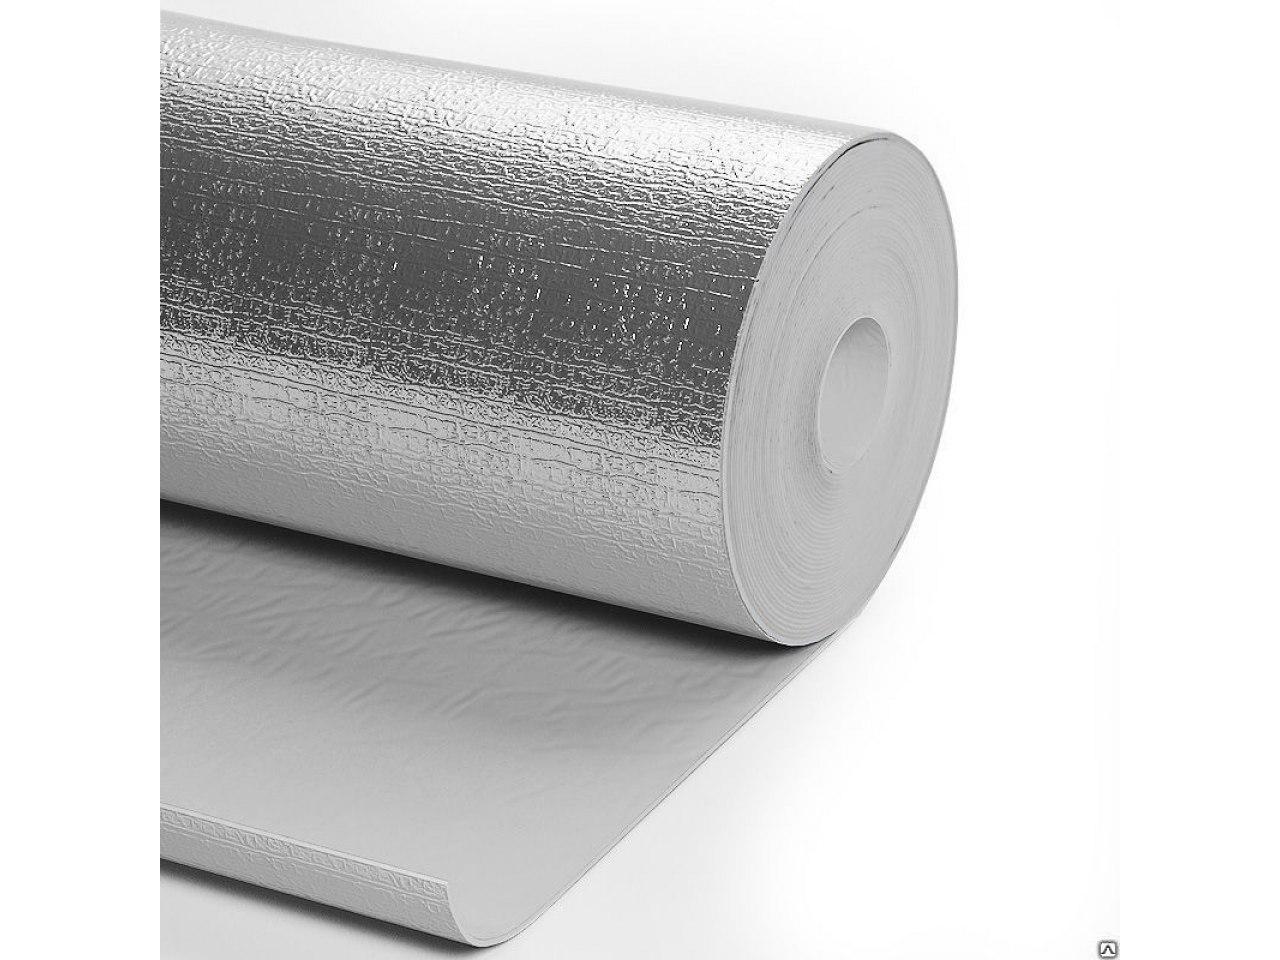 рулонные теплоизоляционные материалы